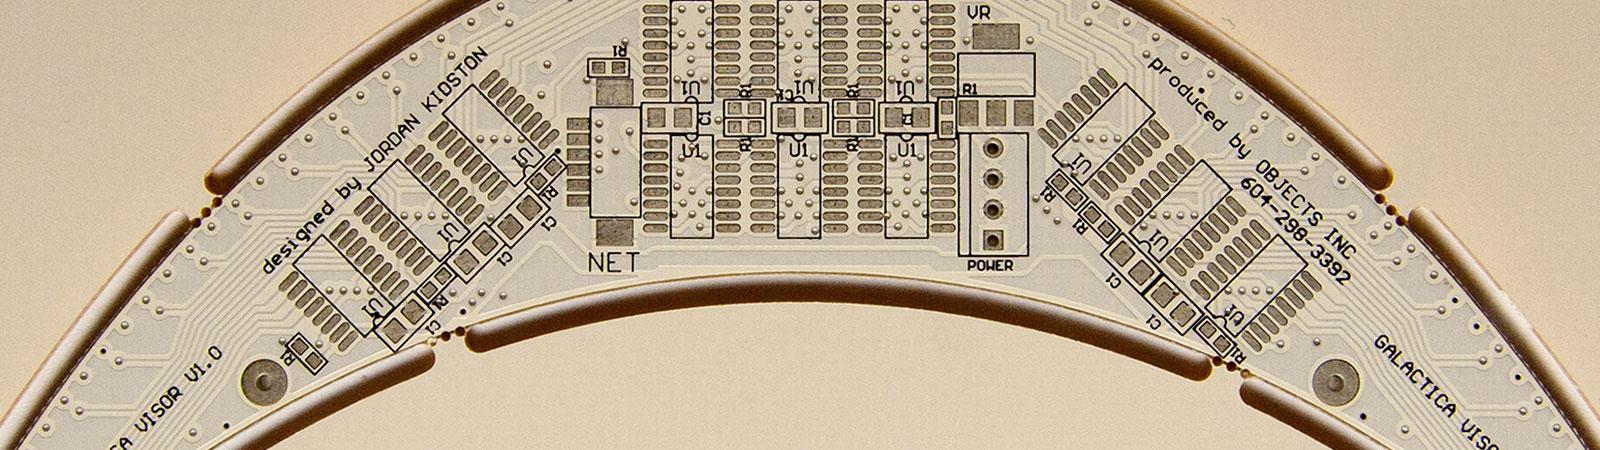 Omni Circuit Boards